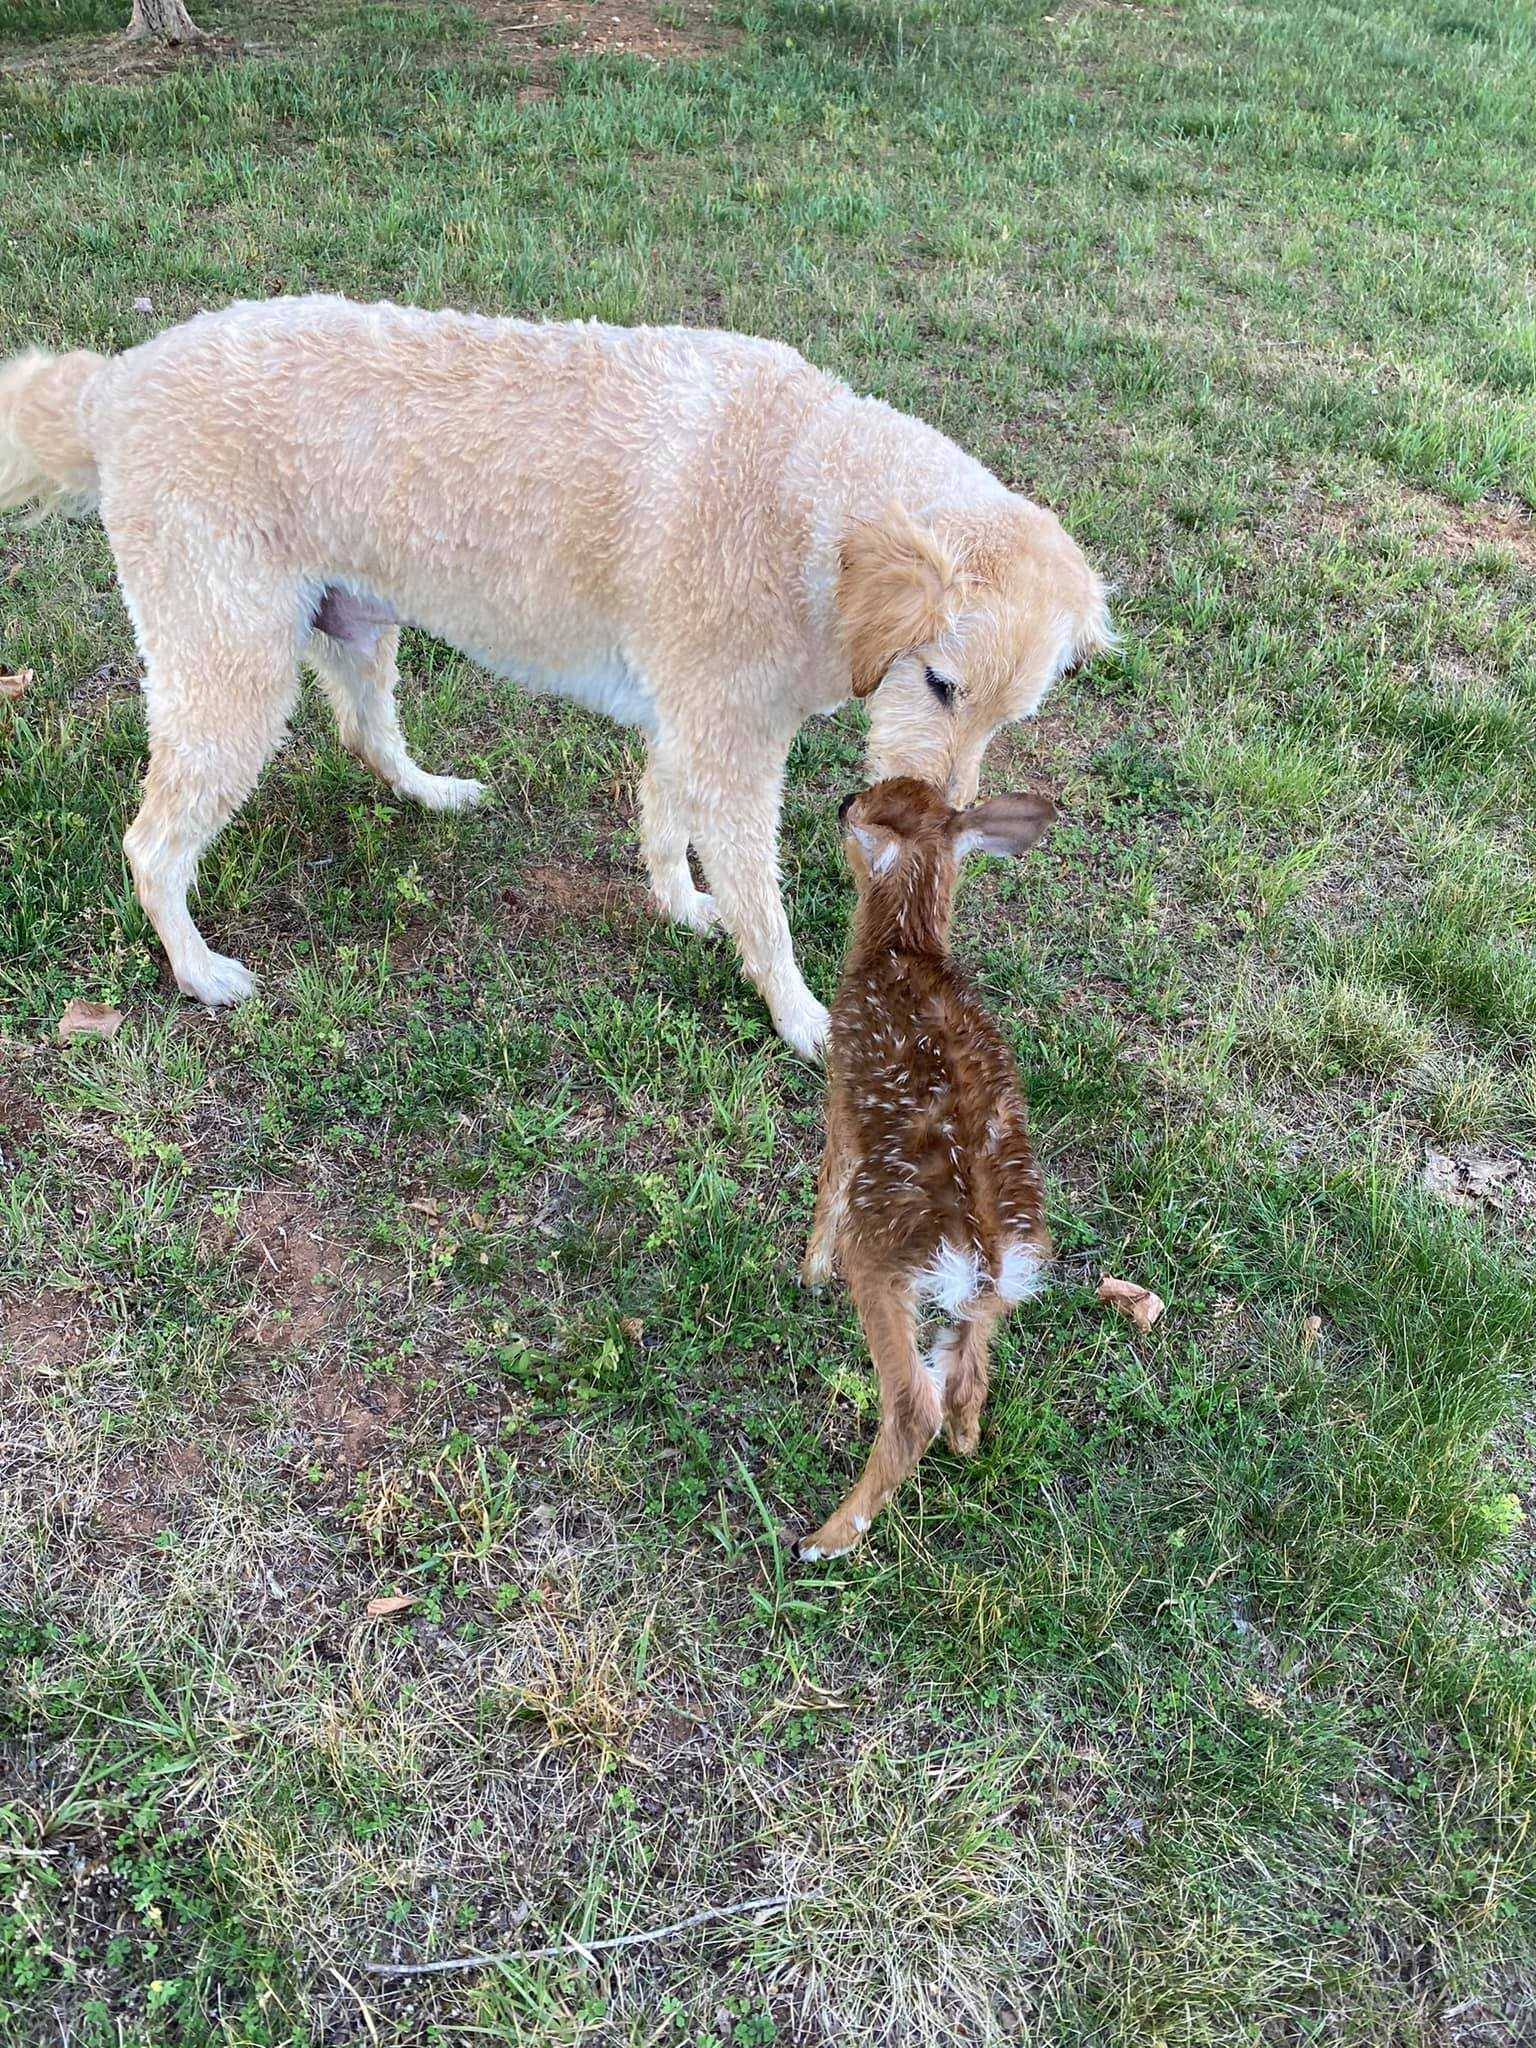 Bohaterski pies wskakuje do jeziora, aby uratować małego jelenia – dzięki temu zyskuje nowego przyjaciela